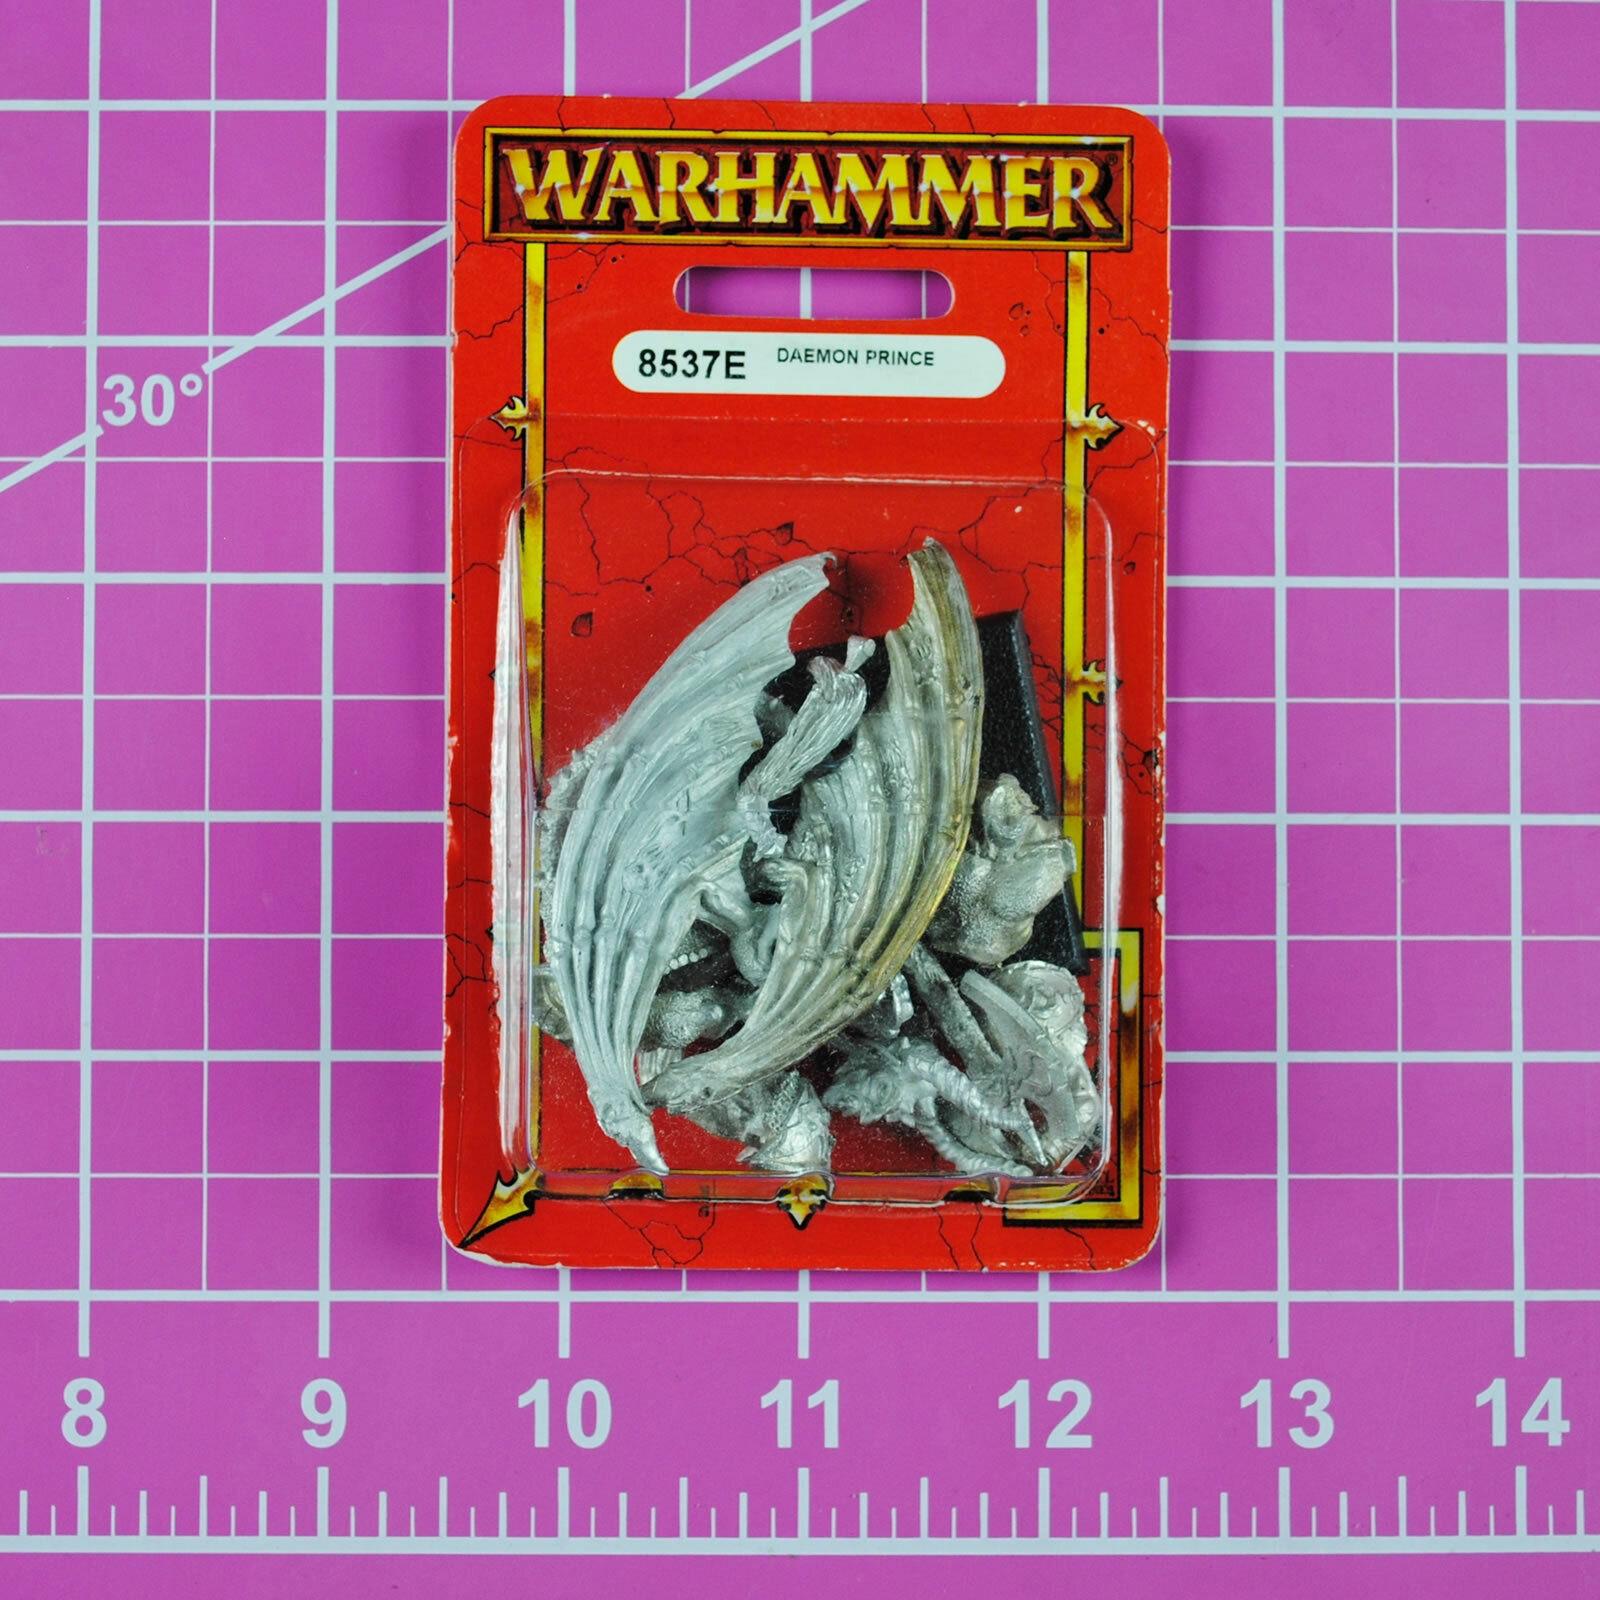 Warhammer Fantasy Chaos Daemon Prince NIB Metal - Rare OOP - GW Citadel Daemons